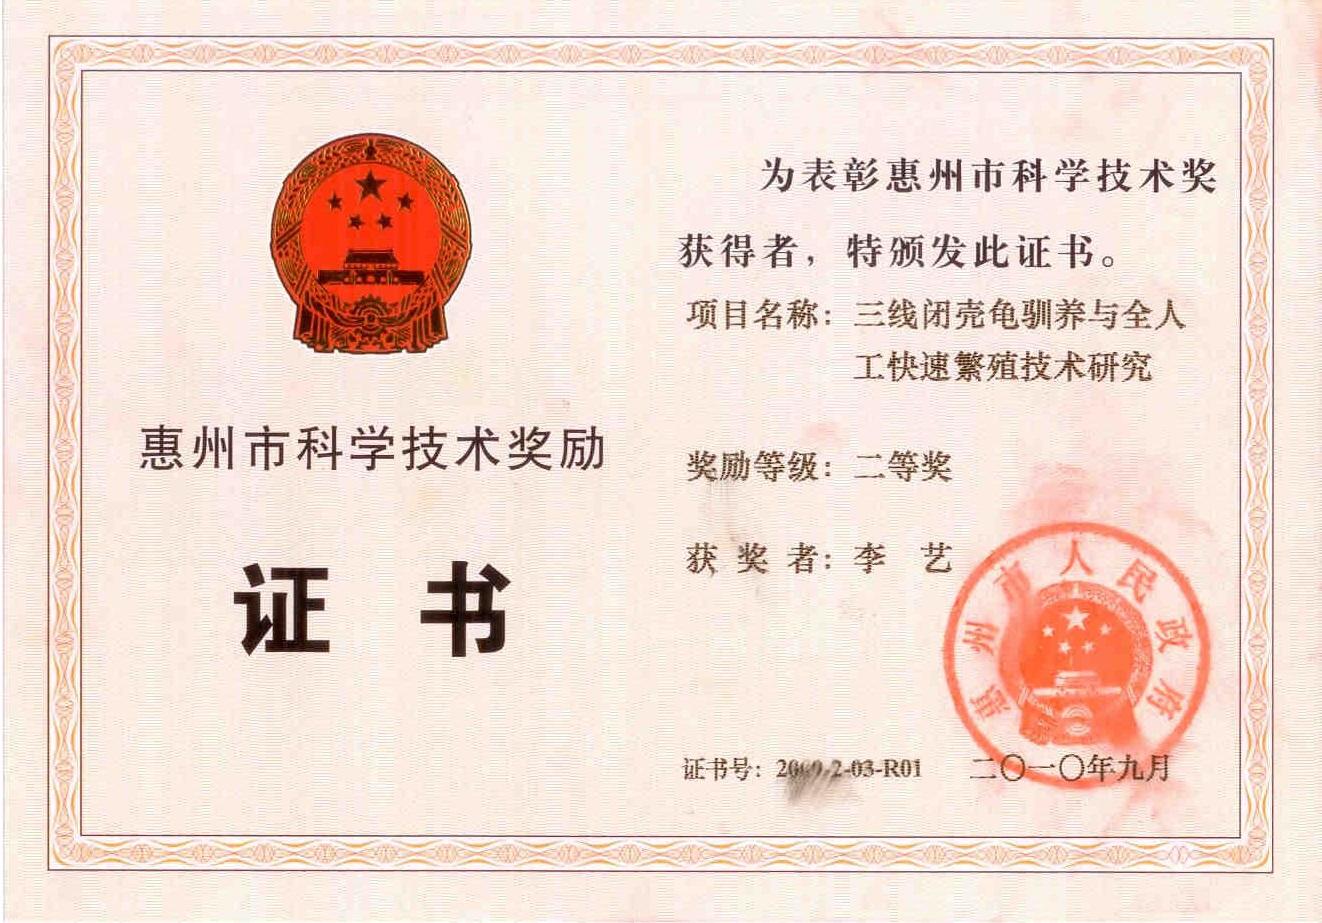 李藝-惠州市科學技術獎勵證書-三線閉殼龜馴養與全人工快速繁殖技術研究-